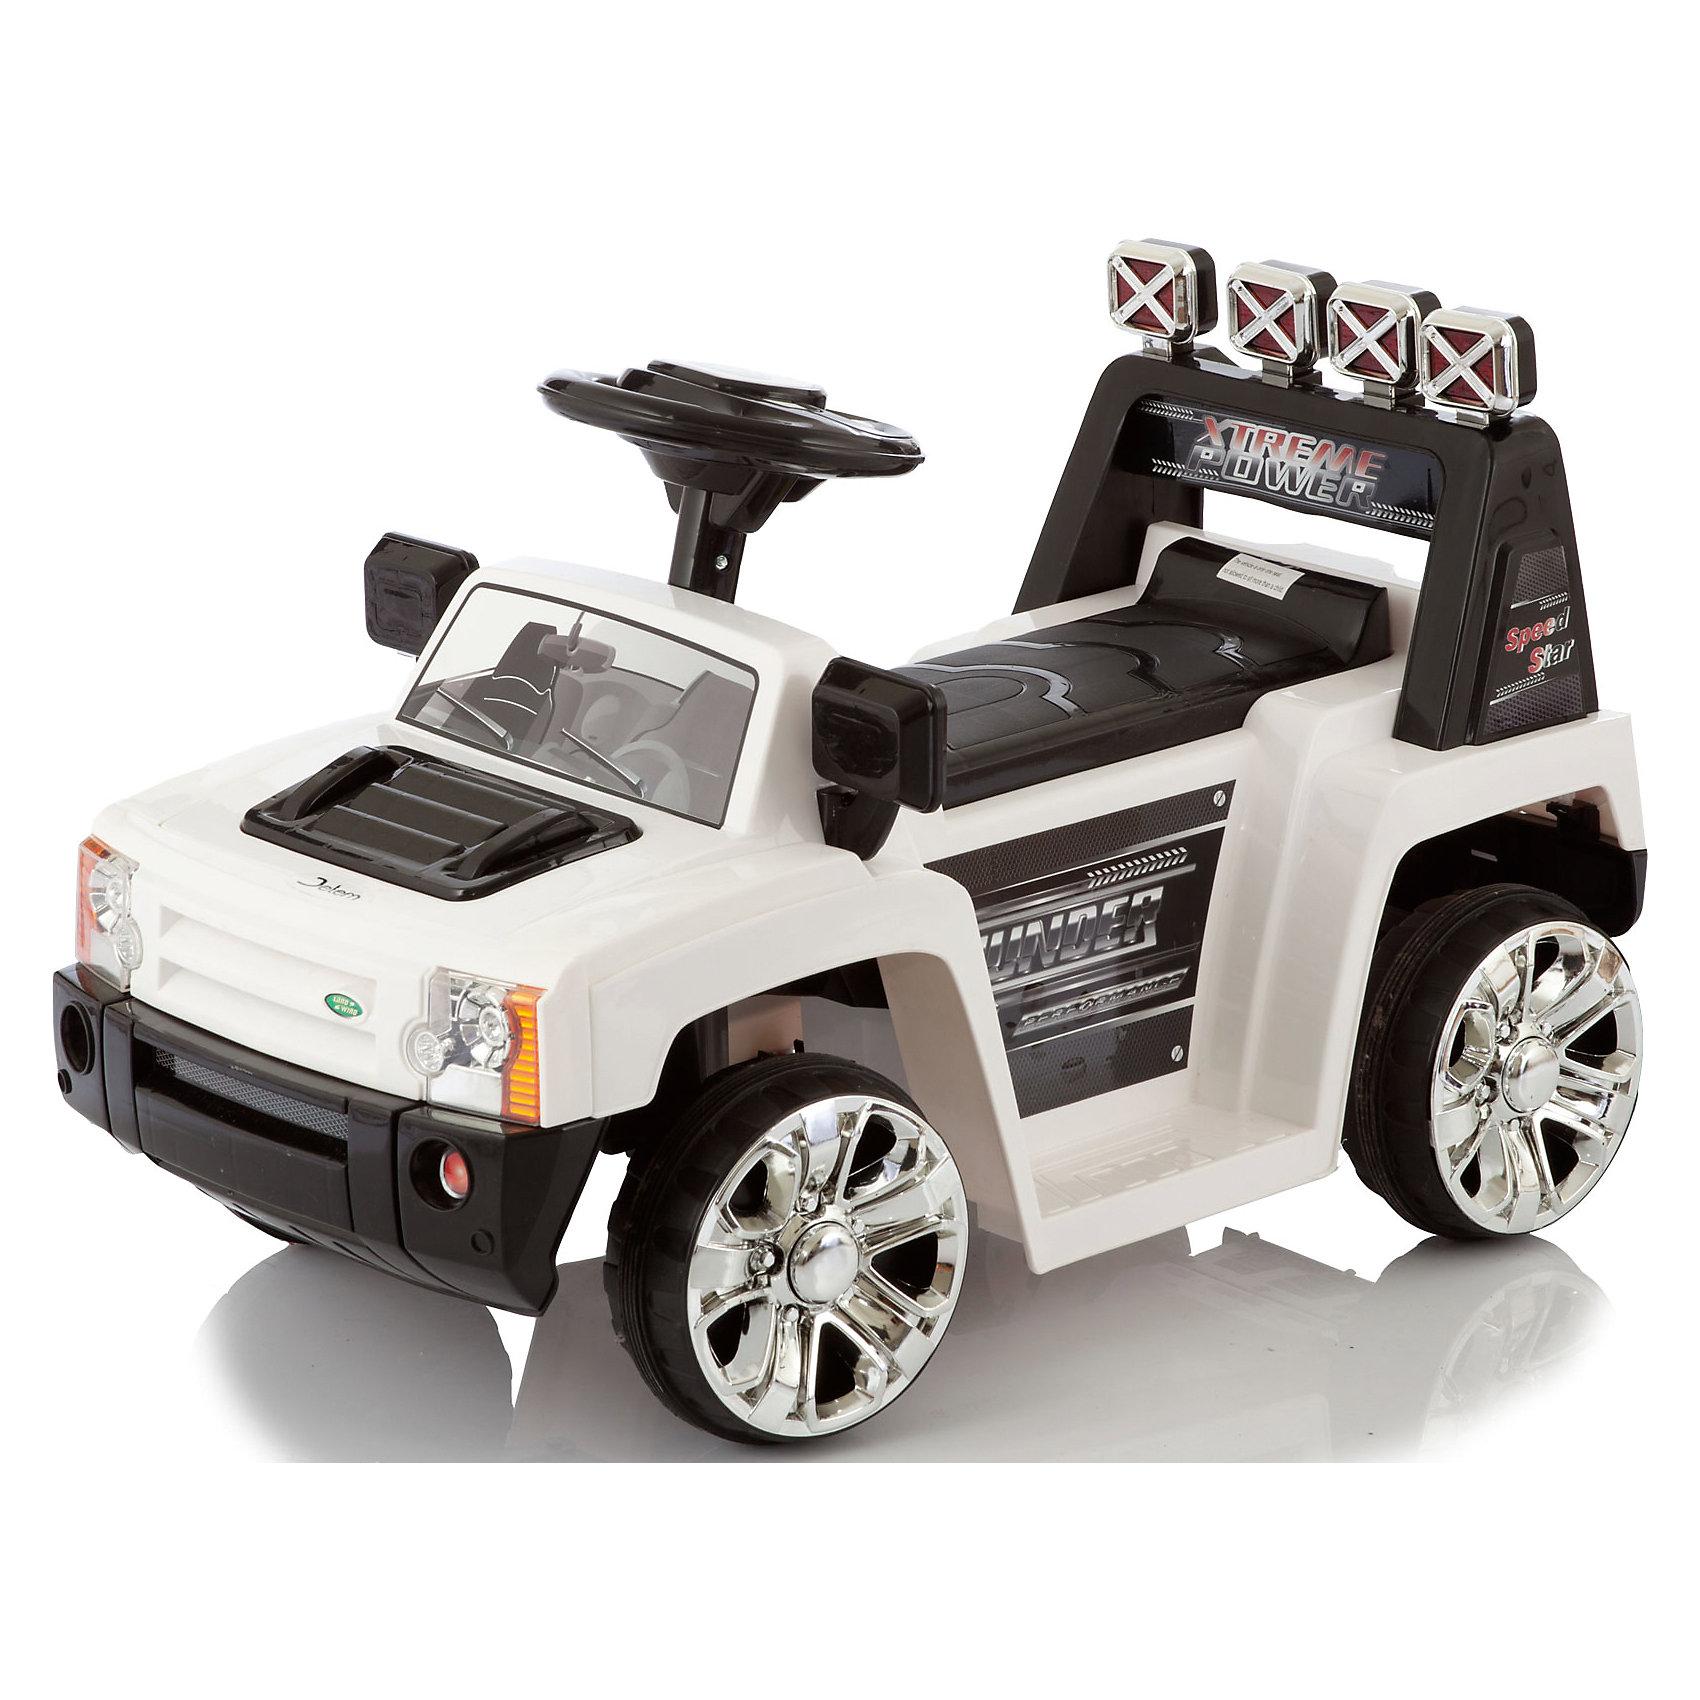 Электромобиль Rover V005, белый,  JetemJetem Rover – модель, основанная на известном внедорожнике, с посадочным местом, как у квадроциклов (ноги по бокам). Надежный и маневренный электромобиль идеально подходит для увлекательных и комфортных детских прогулок. Родители могут управлять движениями машины с помощью пульта радиоуправления. Светящие фары, звуковой сигнал, ремни безопасности, разъем для подключения МР3-плеера или радио, зеркала заднего вида - делают машину максимально похожей на настоящий, взрослый автомобиль, что, безусловно, приведет в восторг любого юного автолюбителя!  <br><br>Дополнительная информация:<br><br>- Материал: пластик, металл, резина.<br>- Размер: 70х35х30 см.<br>- На радиоуправлении (радиус 30 м).<br>- Световые, звуковые эффекты.<br>- Разъем для подключения МР3-плеера или радио.<br>- Время работы: 1,5 часа. <br>- Максимальная скорость: 2,5 км/ч.<br>- Время подзарядки аккумулятора: 10-12 часов.<br>- Ремень безопасности.<br>- Элементы питания: двигатель DC 6V/12W -  аккумулятор 6В, /4,5A, пульт управления - 2 батарейки АА.<br>- 1 скорость вперед, 1 назад.<br>- Максимальная нагрузка: 20 кг<br>- Вес: 6,5 кг<br>- Цвет: белый.<br>- Одно посадочное место.<br> <br>Электромобиль Rover V005, белый,  Jetem (Жетем) можно купить в нашем магазине.<br><br>Ширина мм: 700<br>Глубина мм: 350<br>Высота мм: 300<br>Вес г: 8000<br>Возраст от месяцев: 36<br>Возраст до месяцев: 84<br>Пол: Унисекс<br>Возраст: Детский<br>SKU: 3992553